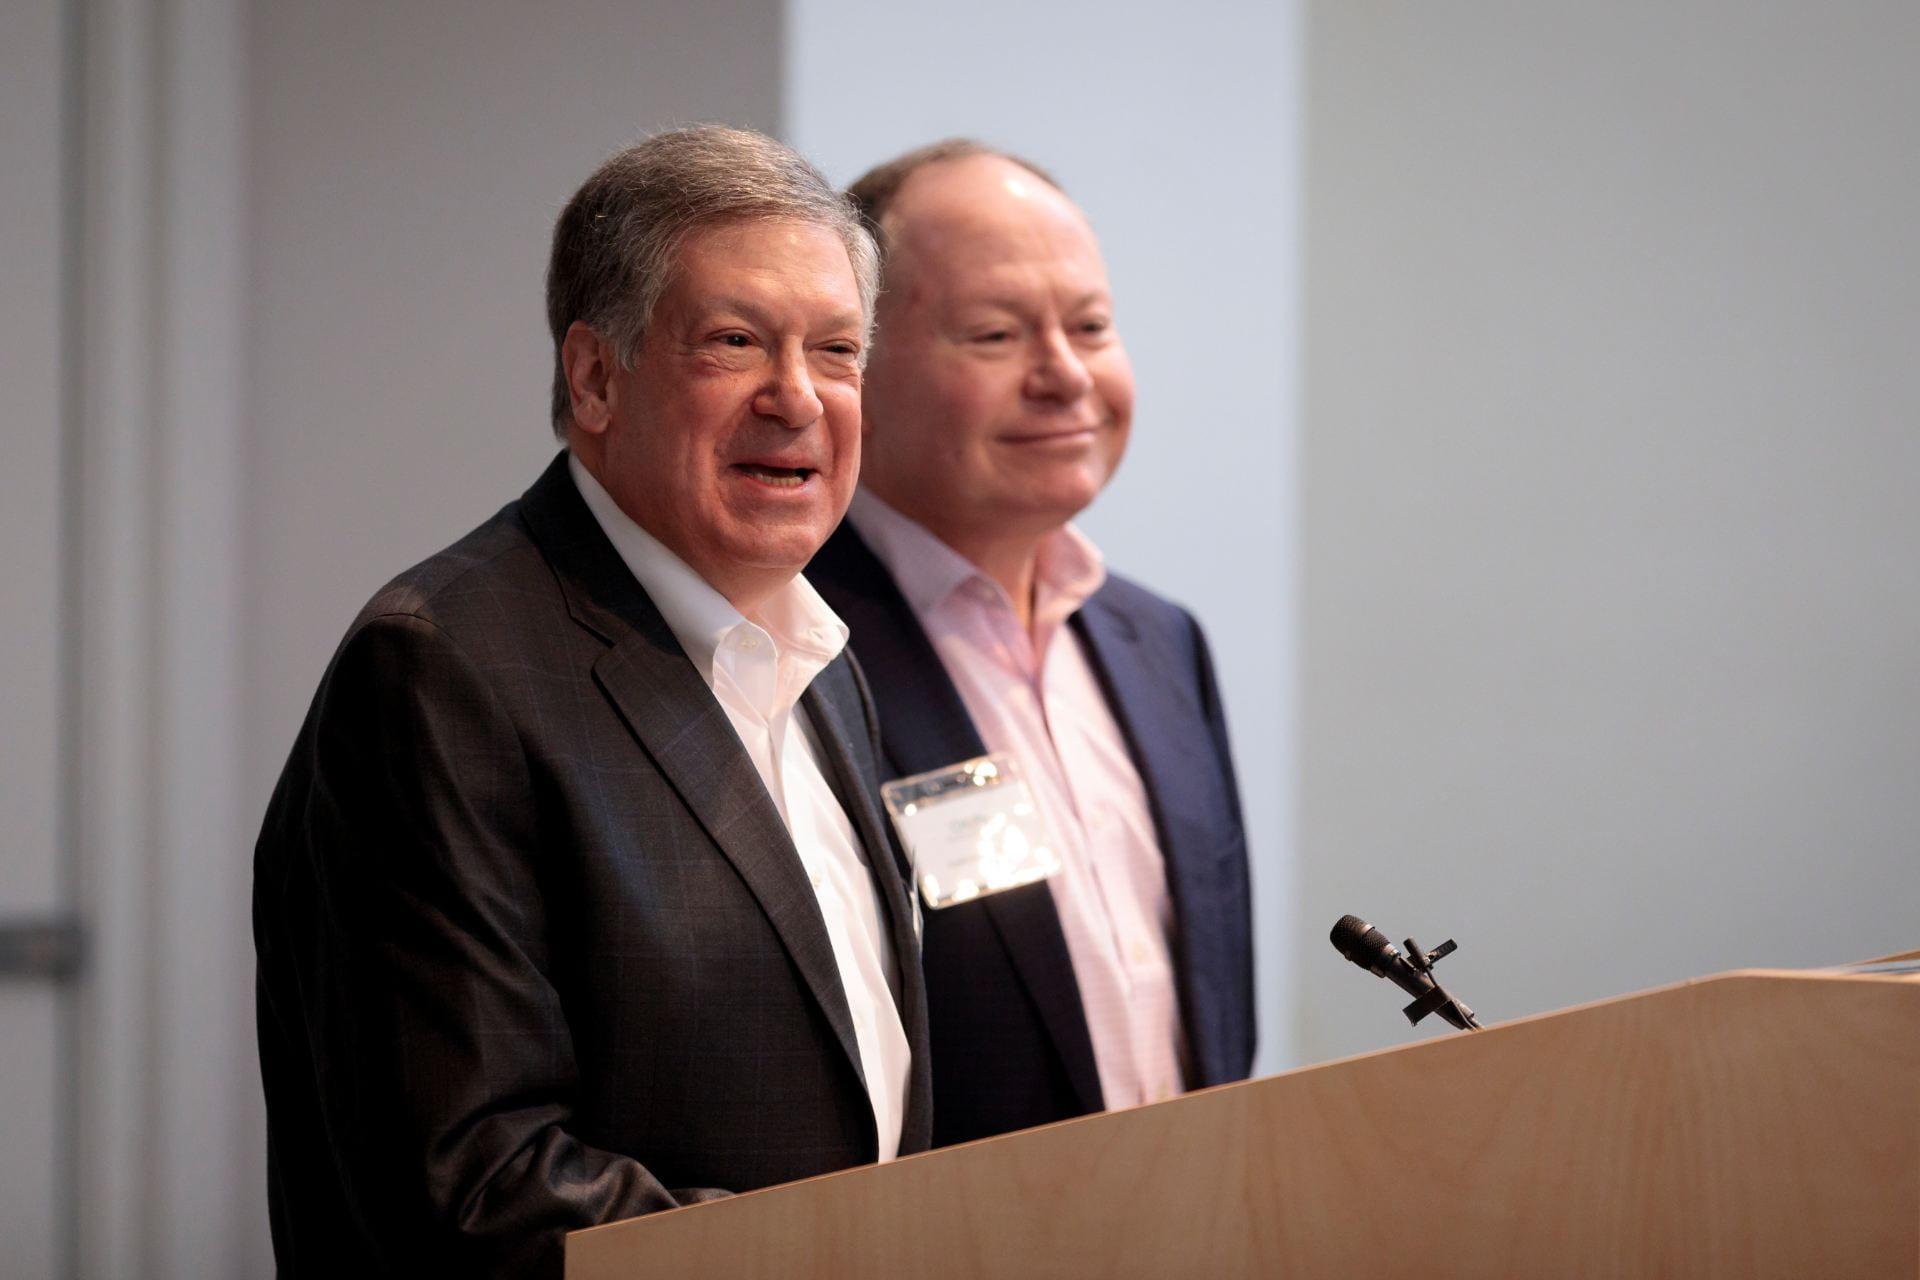 Robert Schreiber, PhD, left, and Andrew Bursky